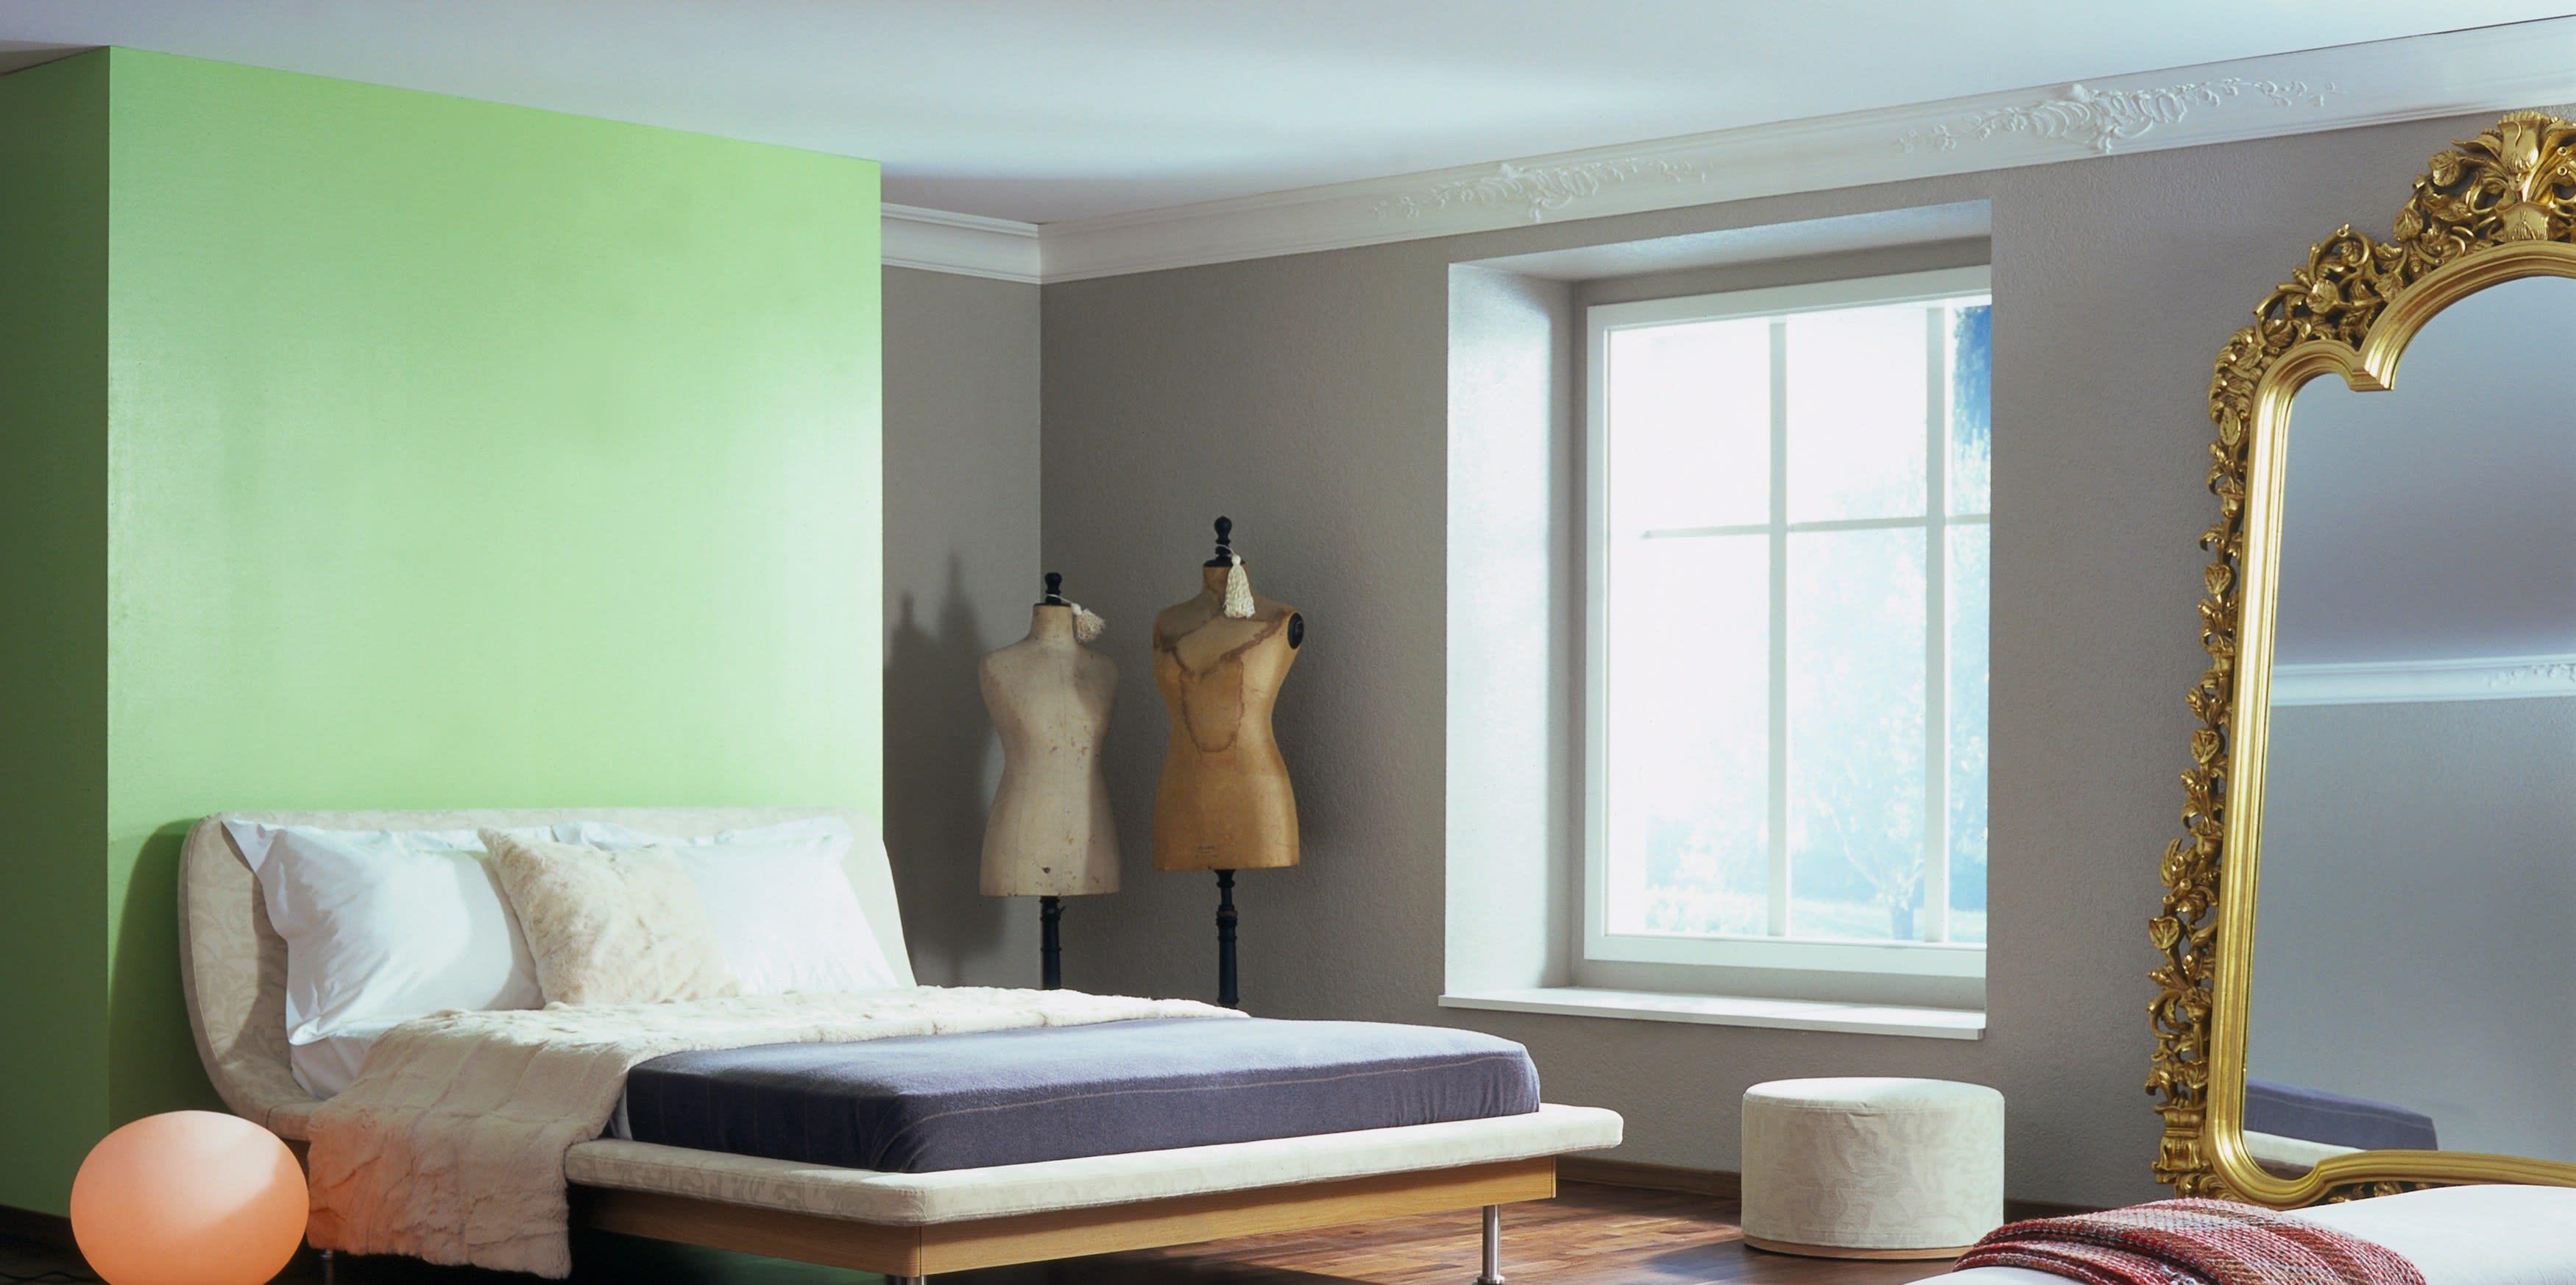 Spanndecke mit grüner und grauer Wand Clipso Schlafzimmer